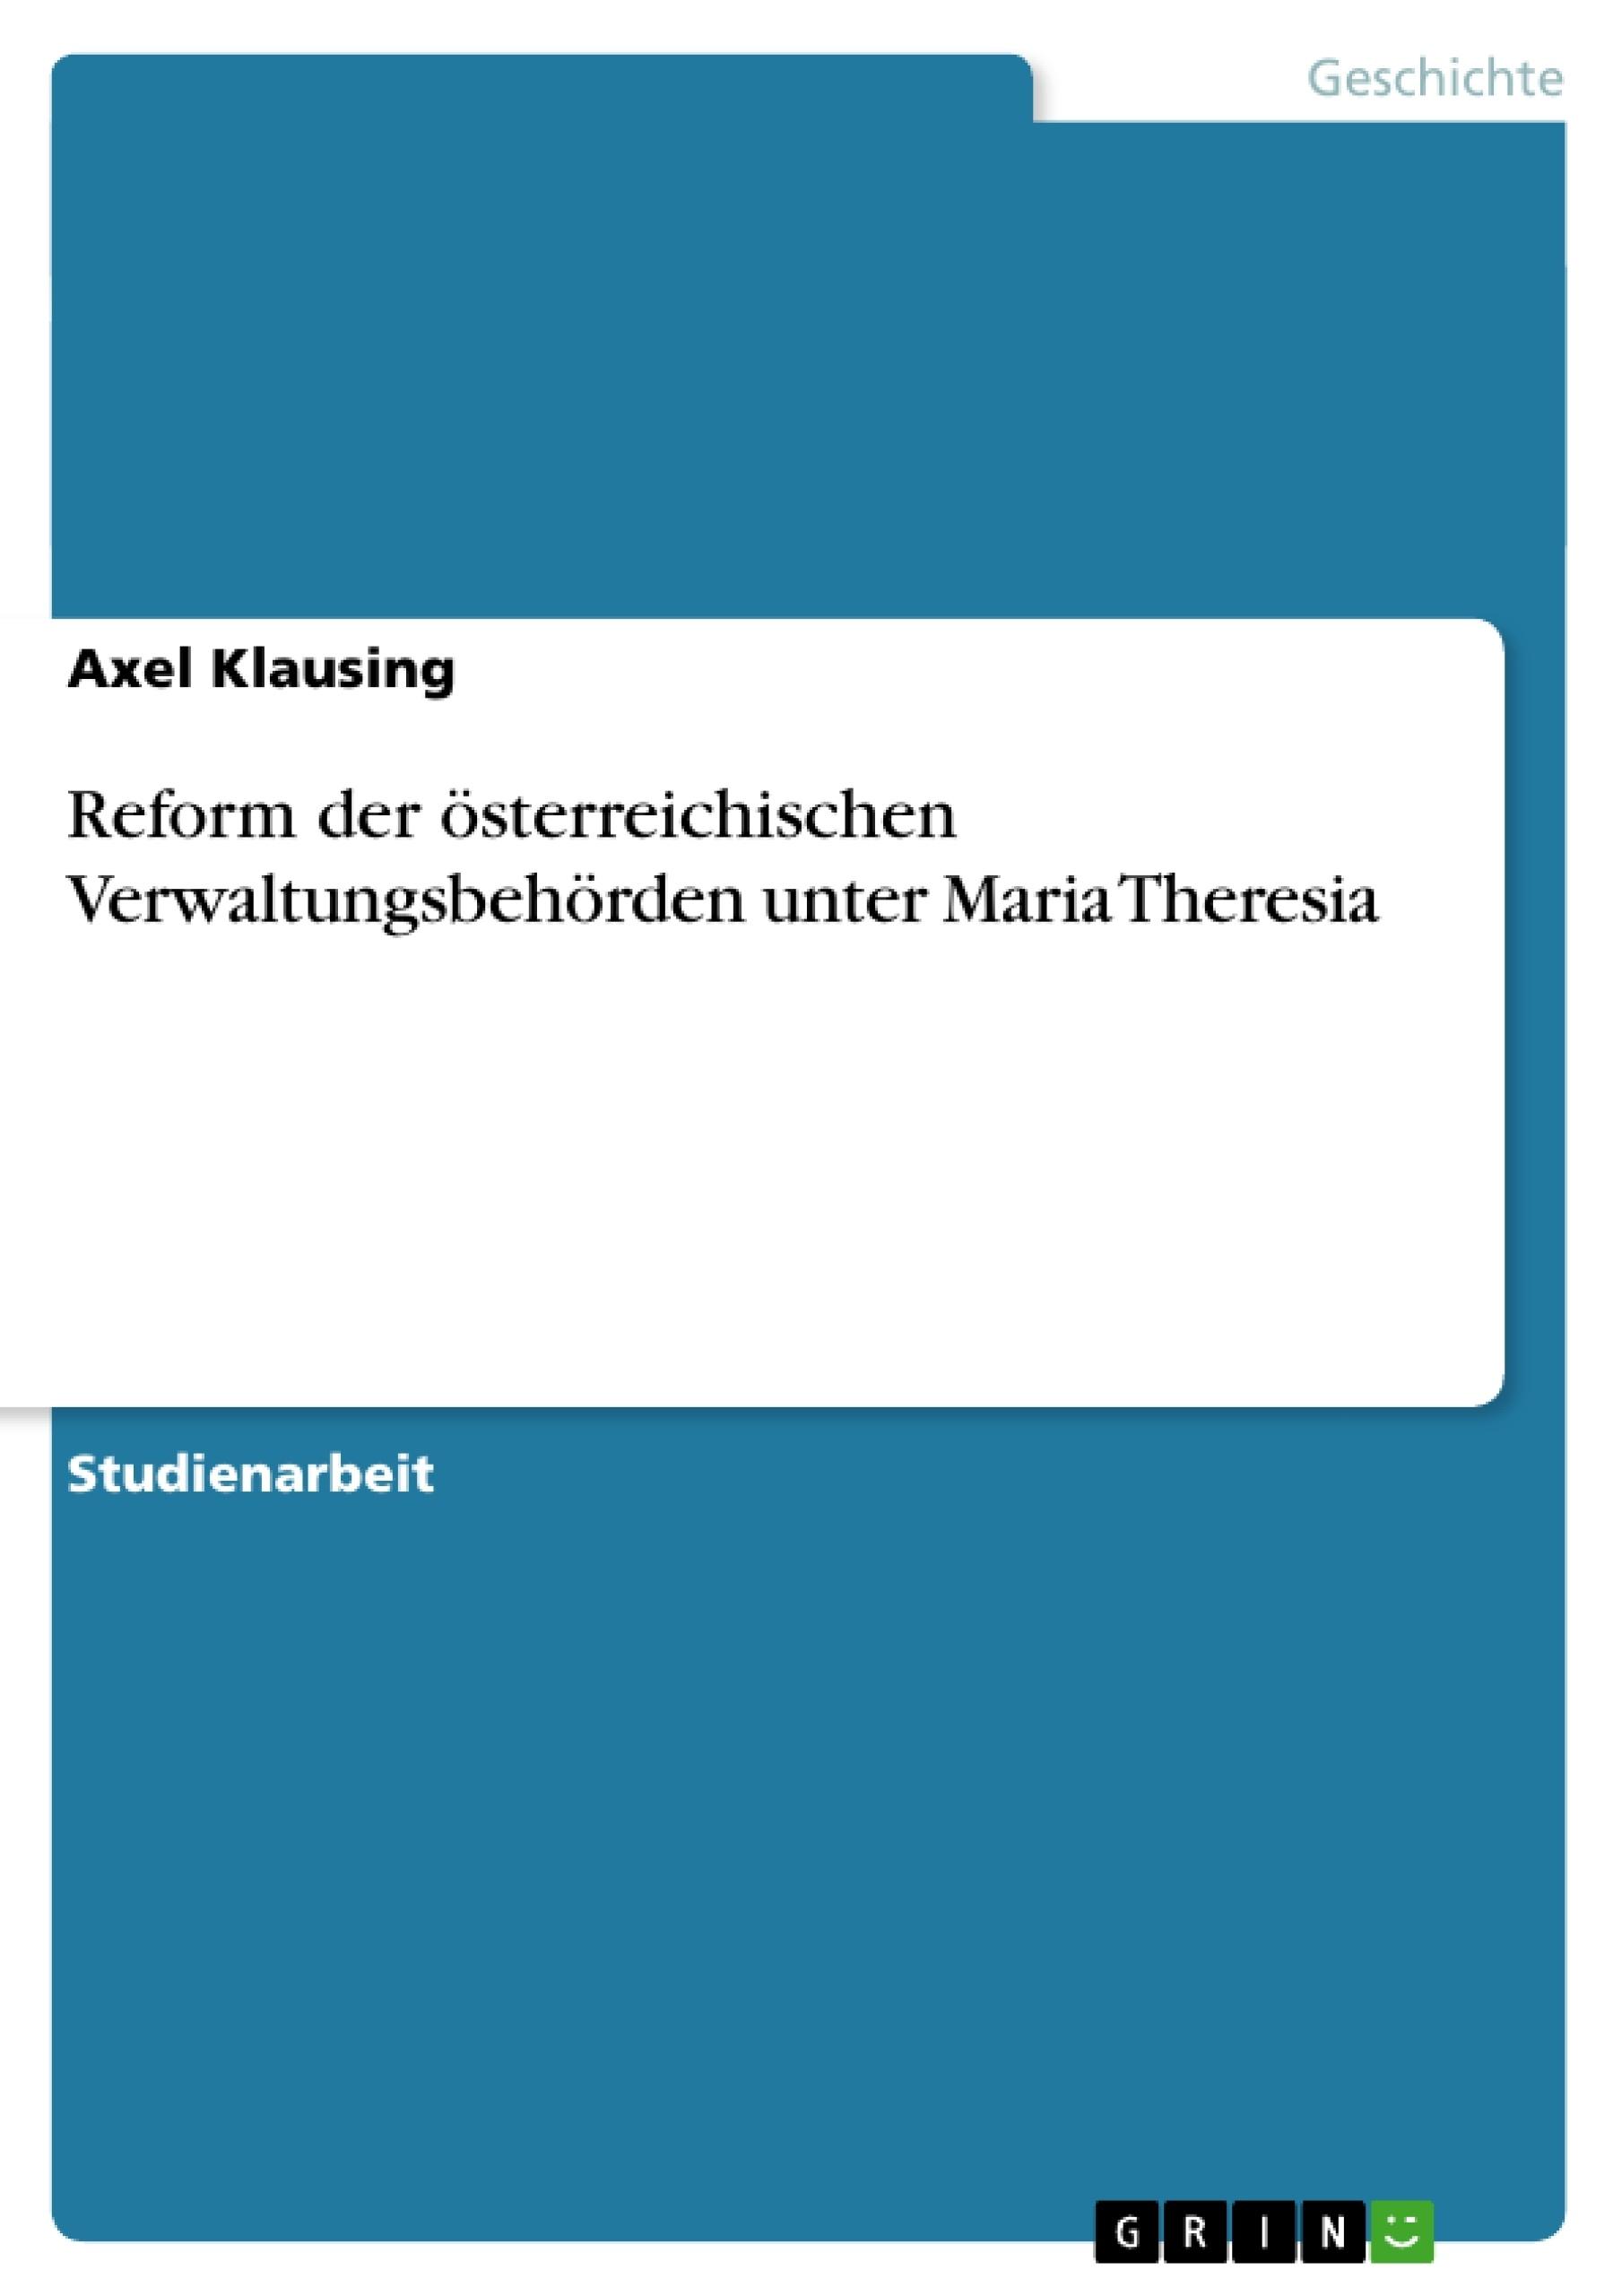 Titel: Reform der österreichischen Verwaltungsbehörden unter Maria Theresia